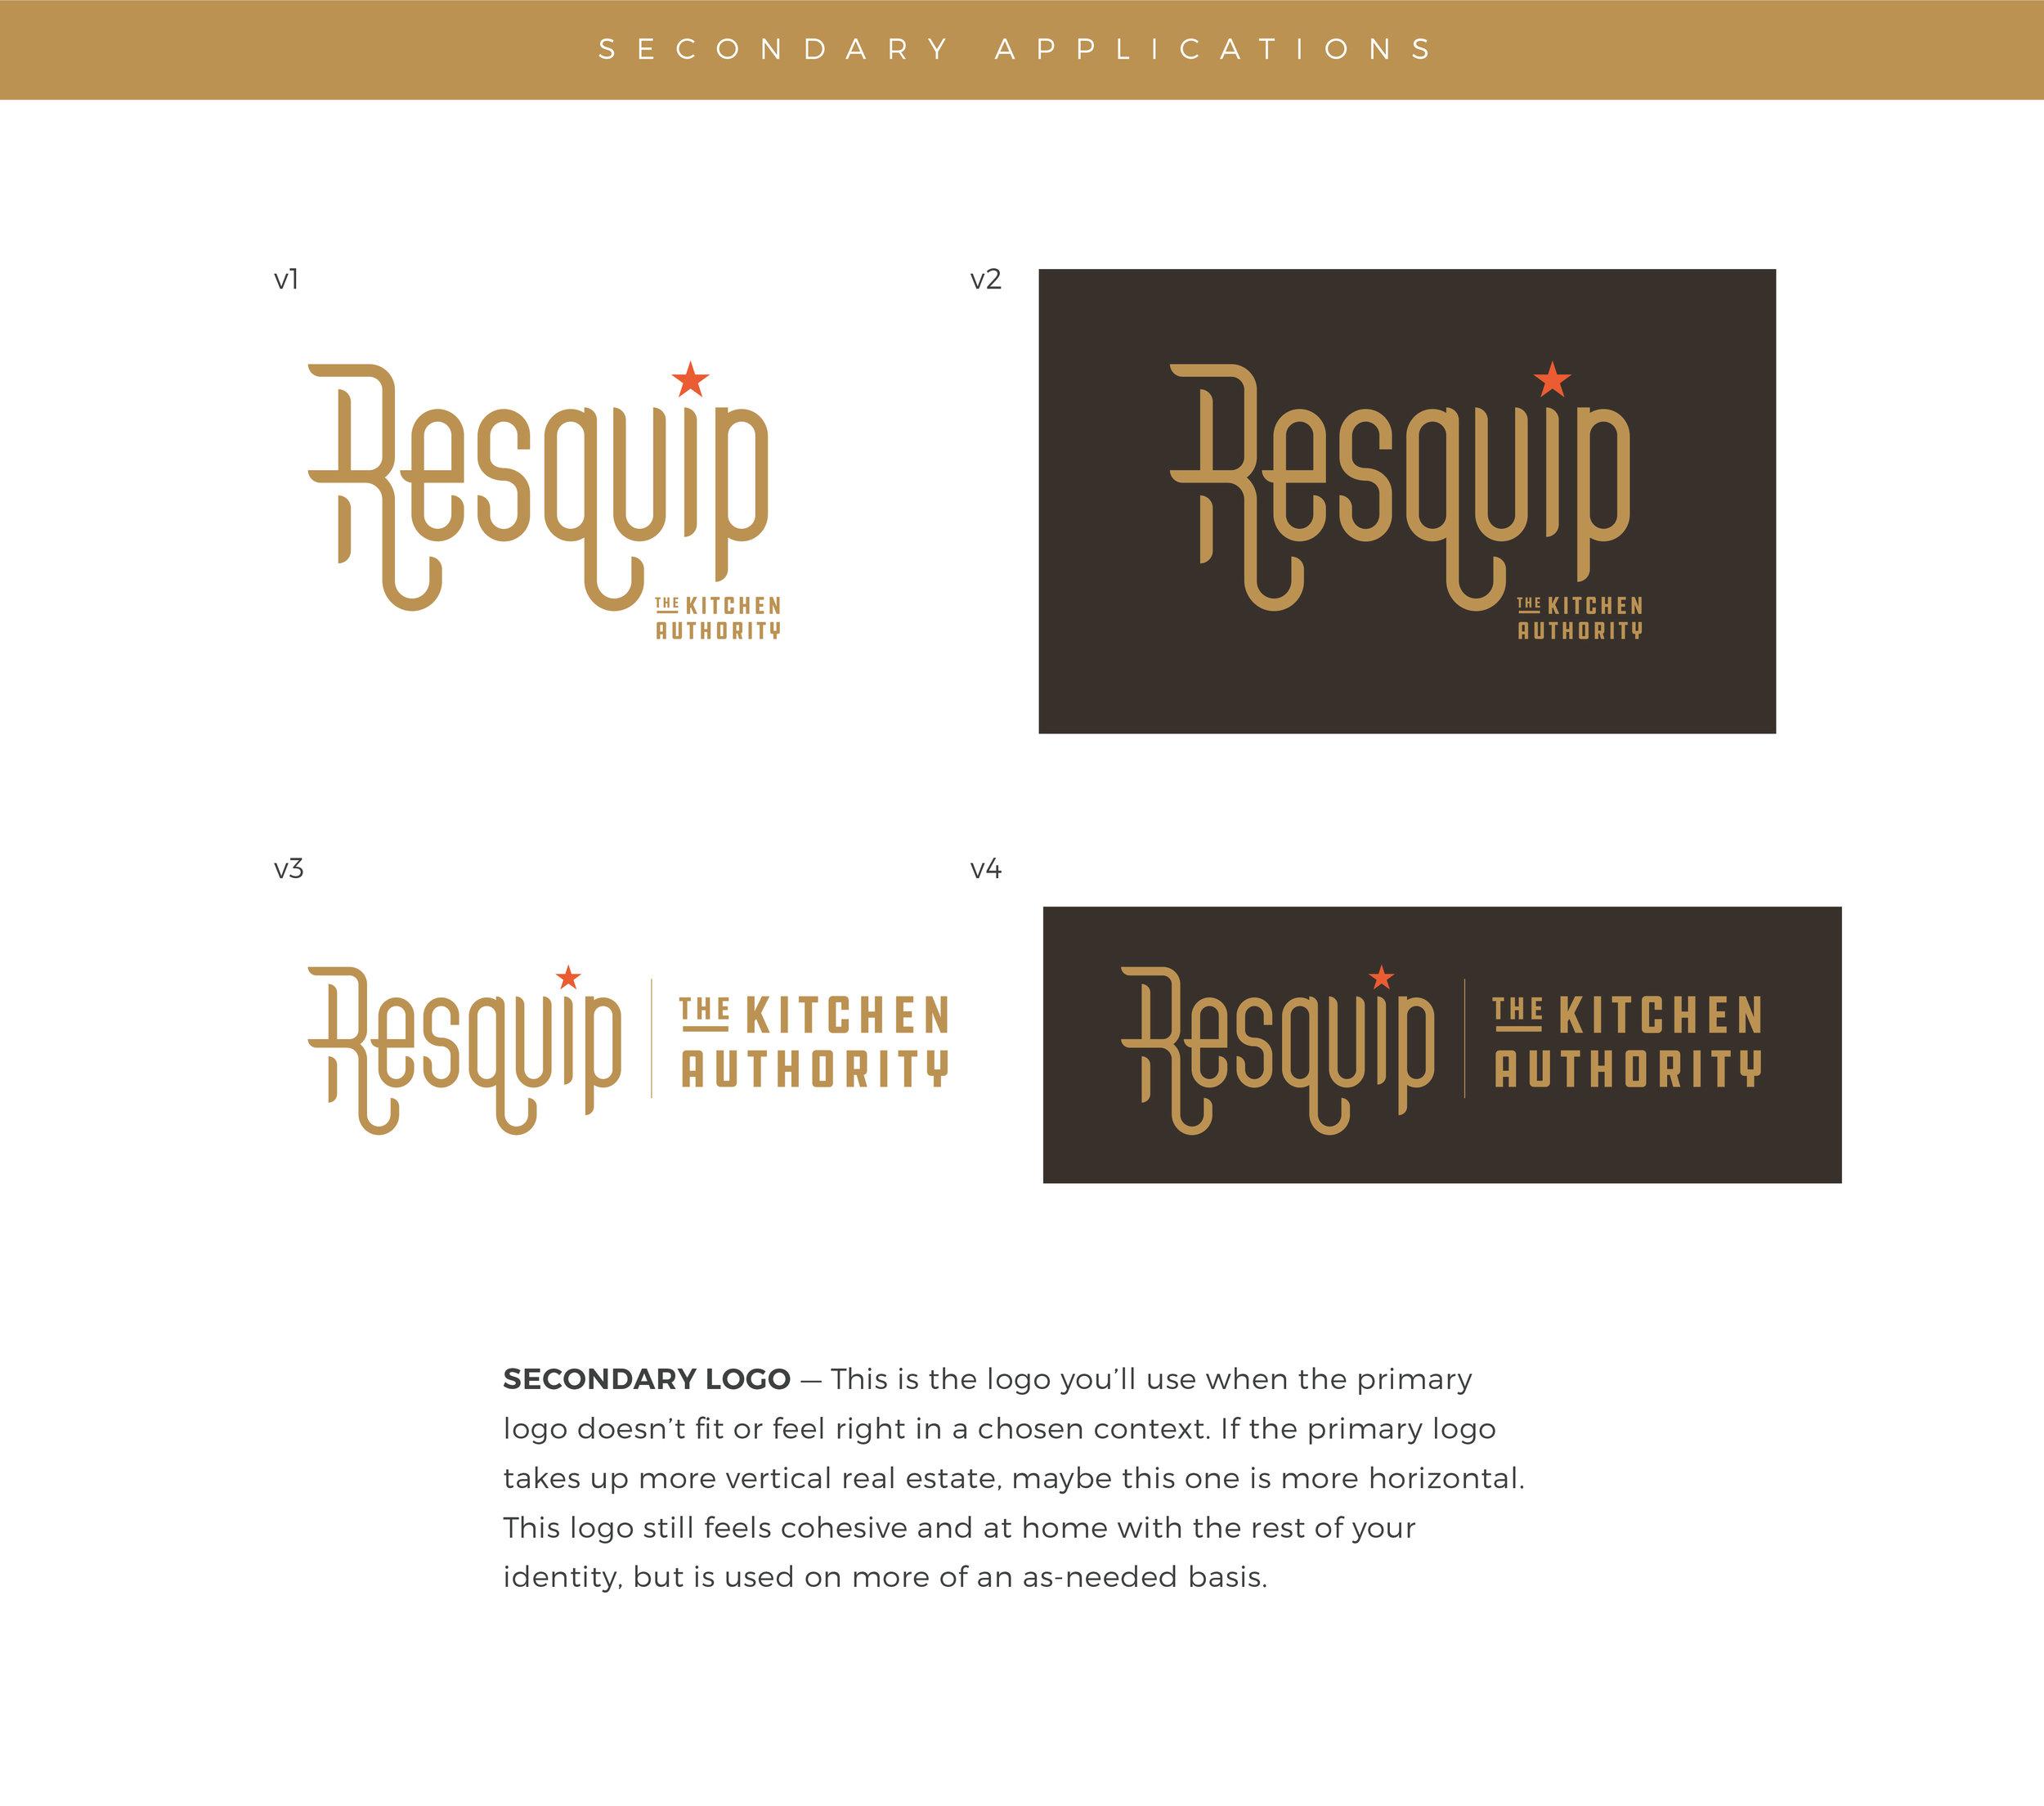 Resquip_Style_Guide_4_12_18v1-1_03.jpg